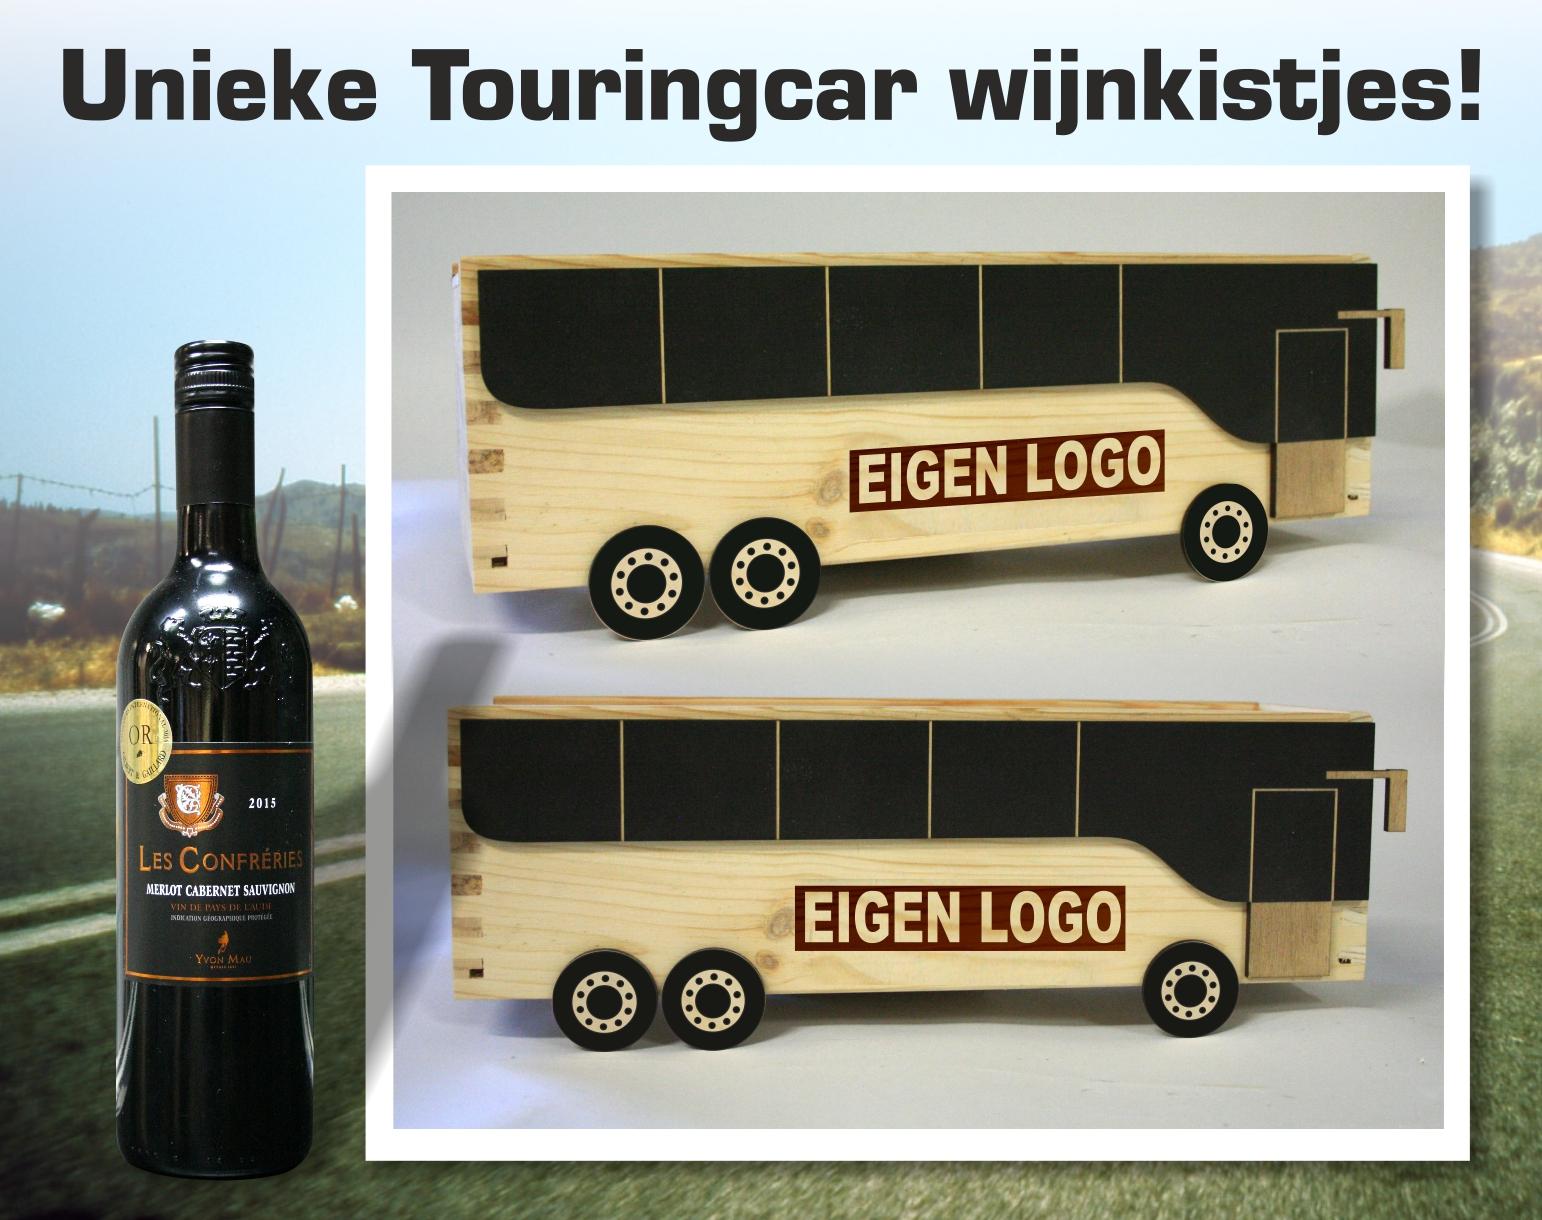 unieke wijnkistjes in de vorm van een touringcar